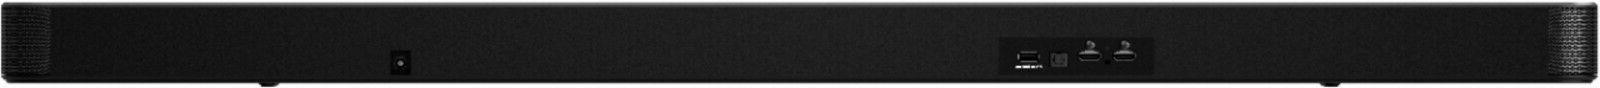 LG 440W Soundbar-Wireless woofer-Dolby Atmos-google assistant